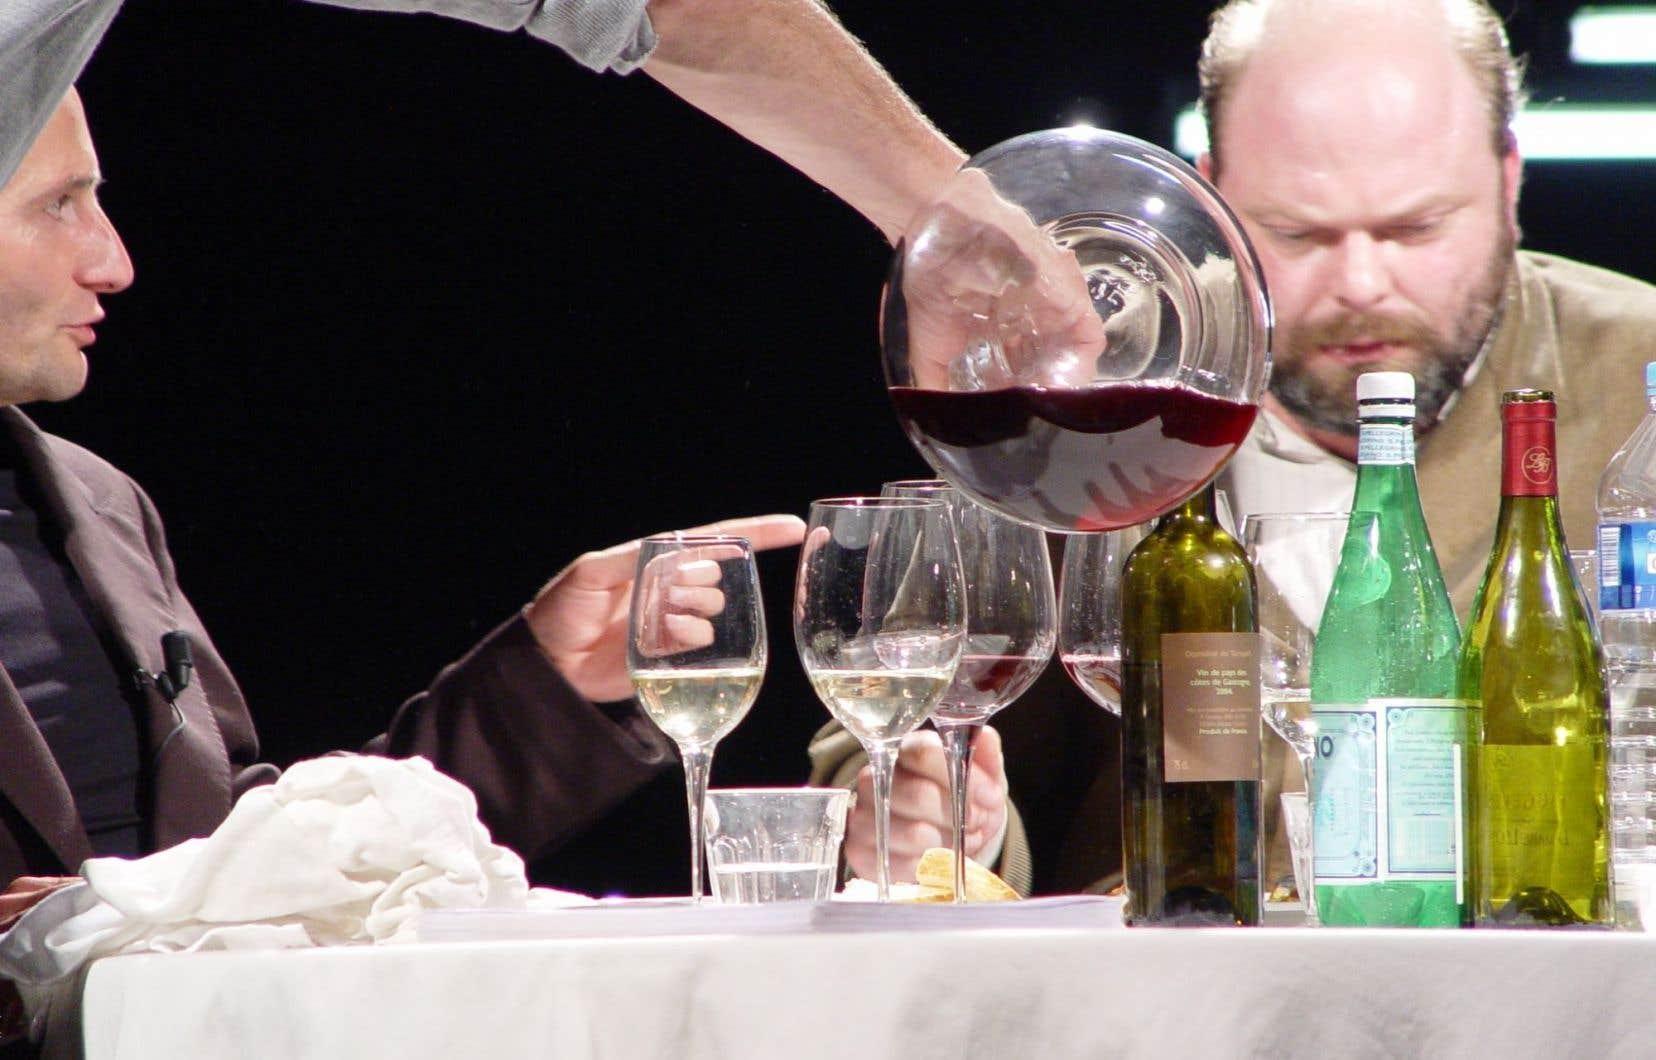 Pendant un peu plus de trois heures, deux hommes mangent, boivent, discutent, racontent des anecdotes et partagent leurs idées sur l'art et la société.